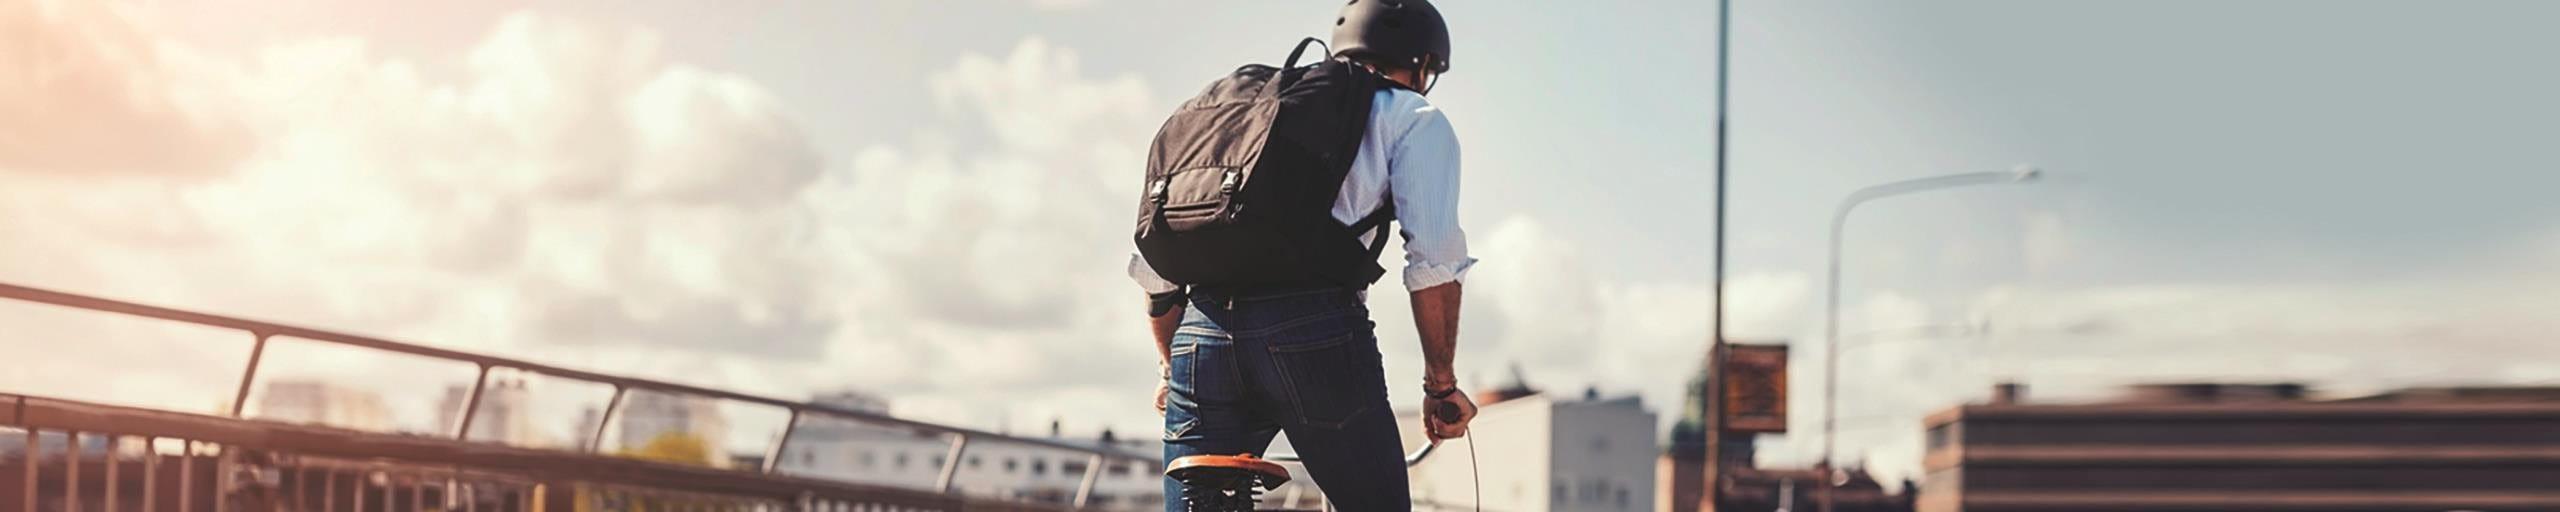 Mann fährt auf einem Fahrrad über eine Brücke